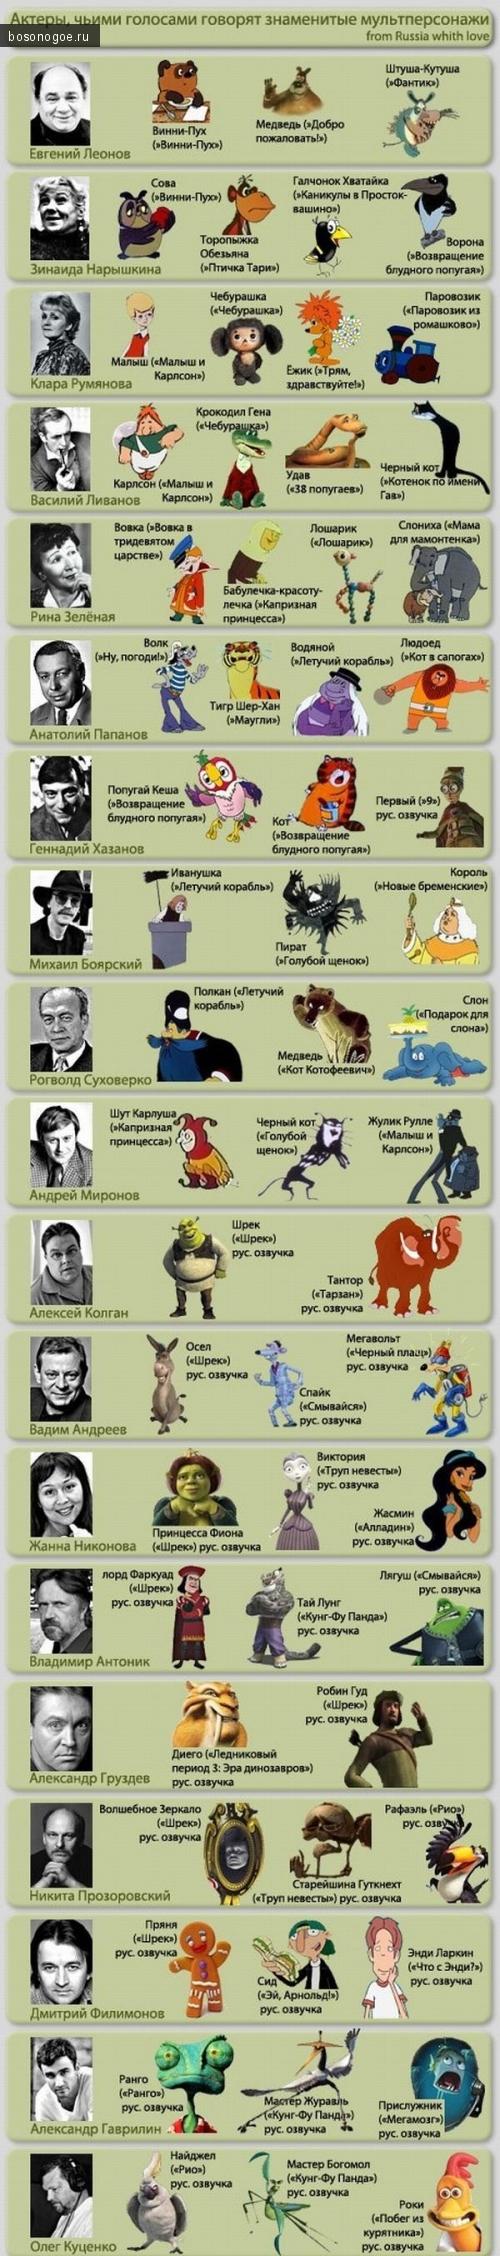 Актеры озвучившие мультфильмы